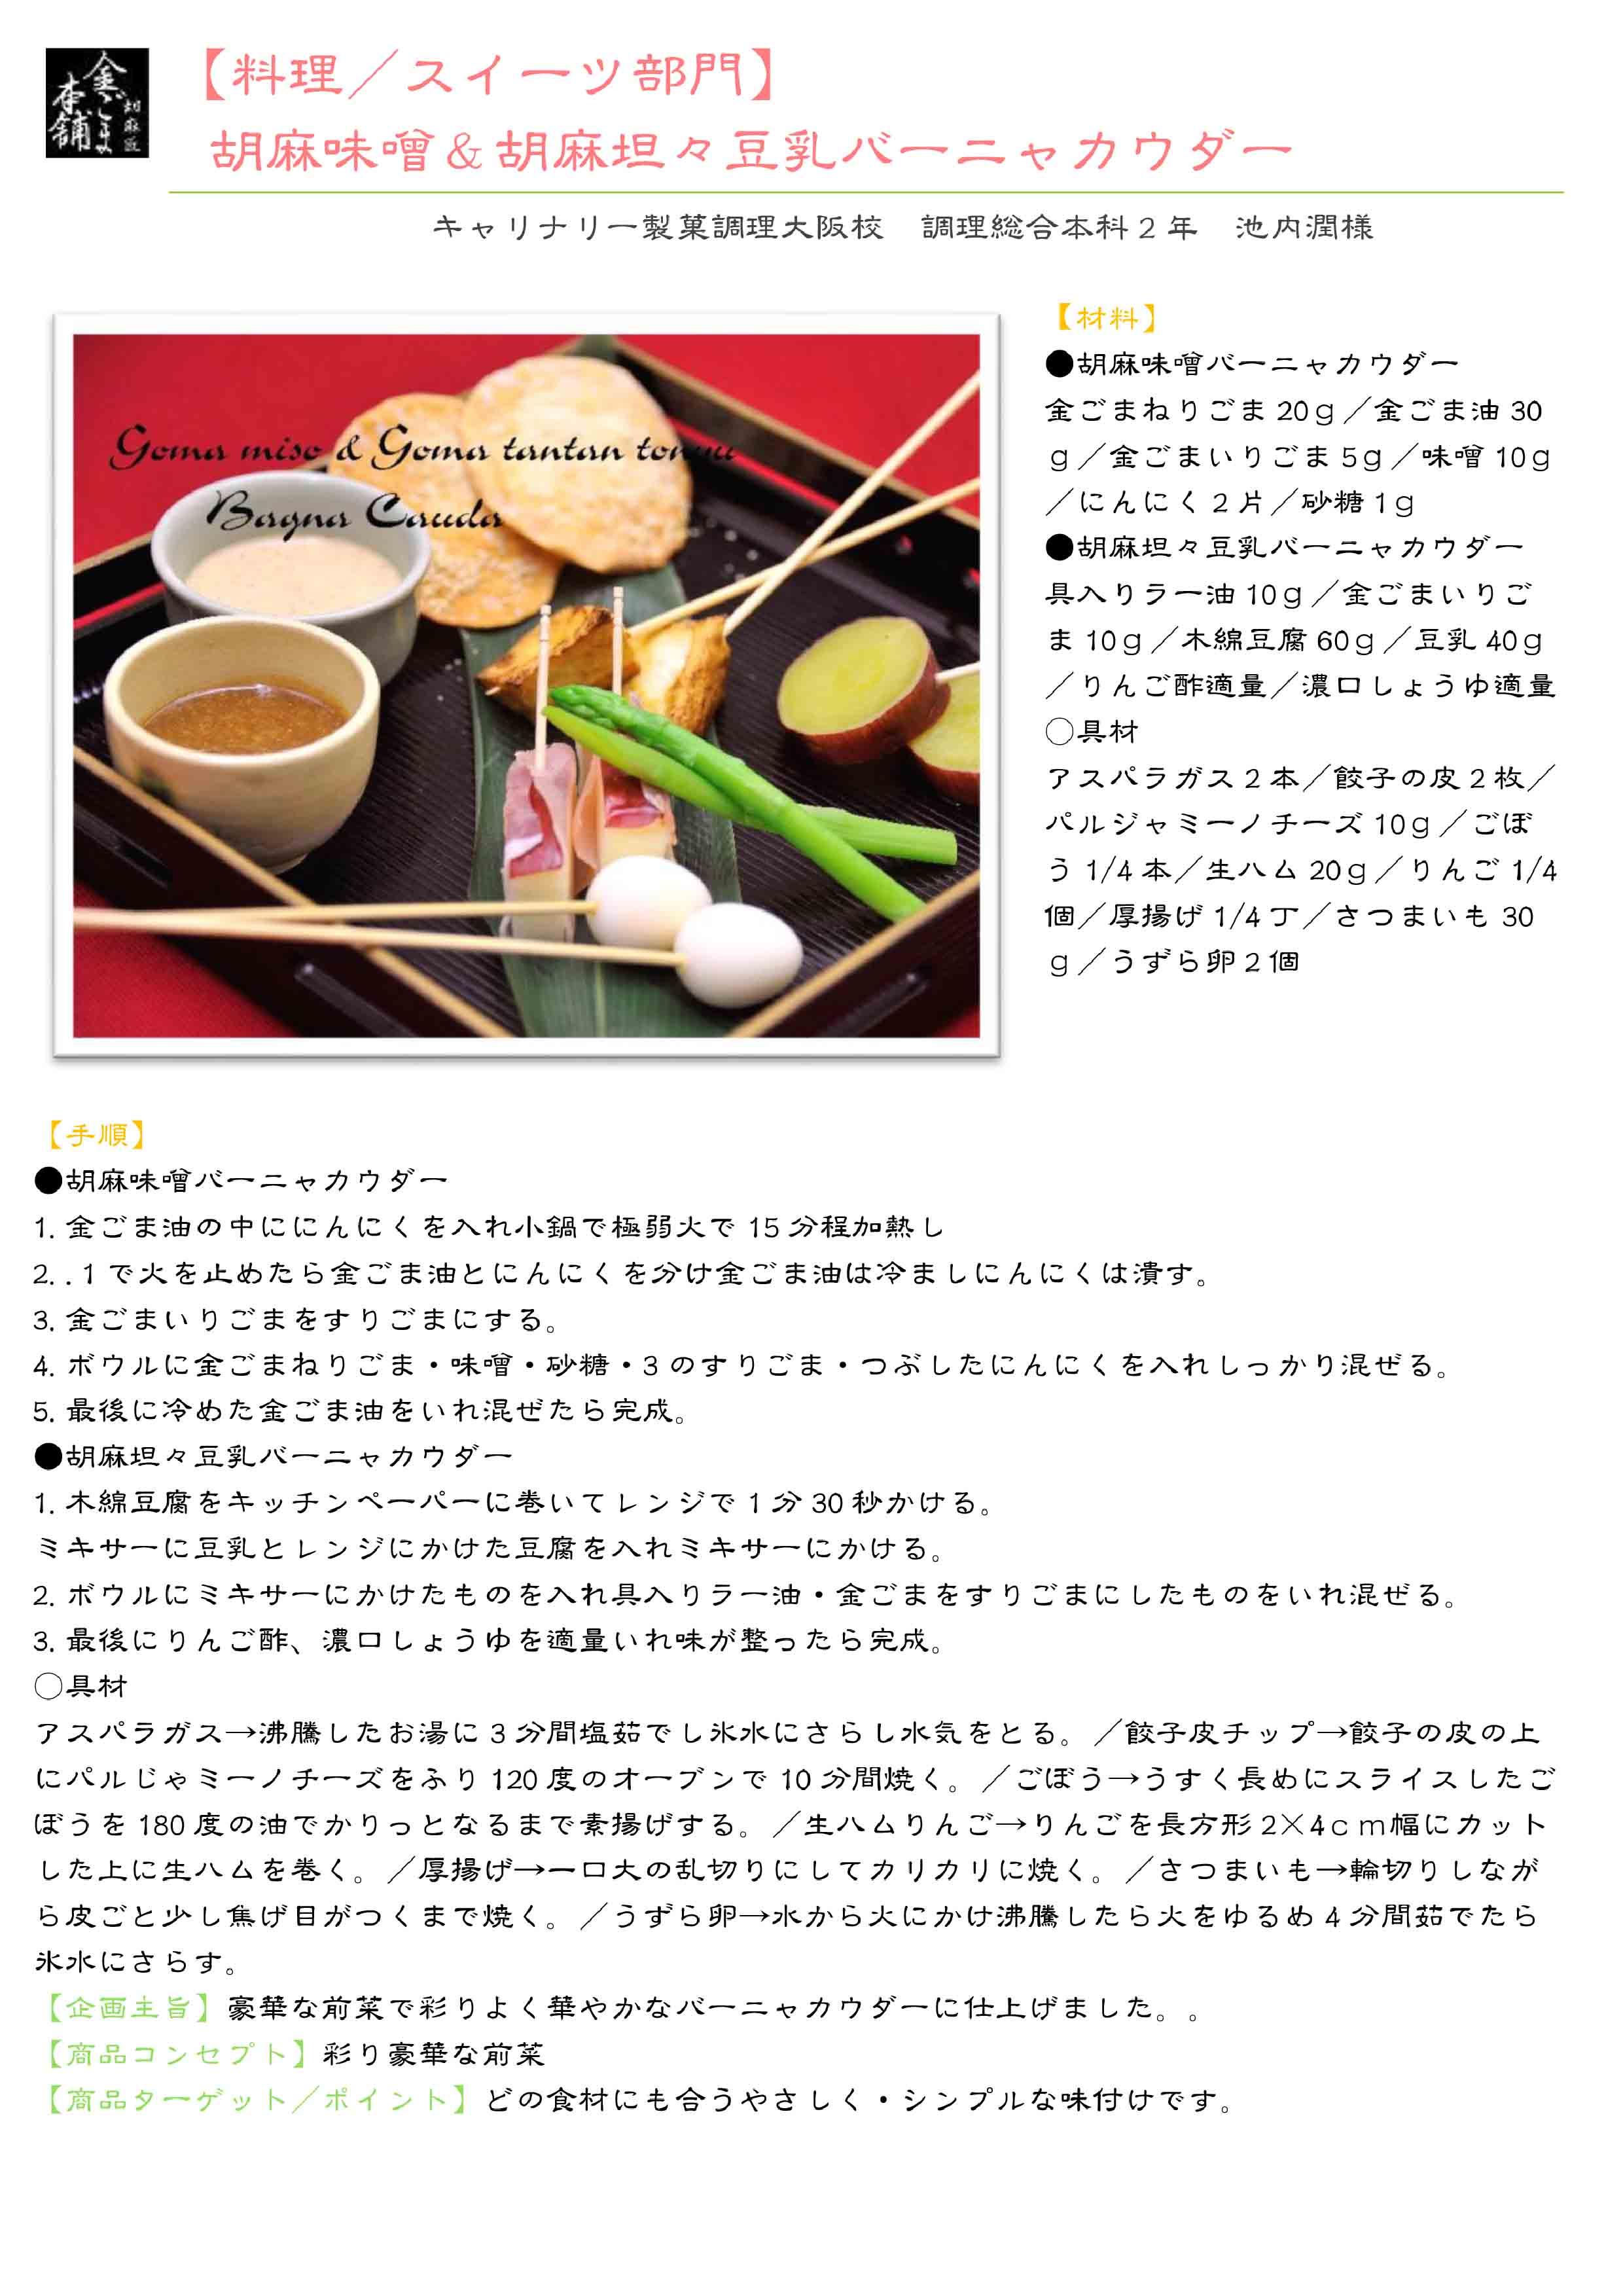 胡麻味噌&ごま坦々豆乳バーニャカウダー